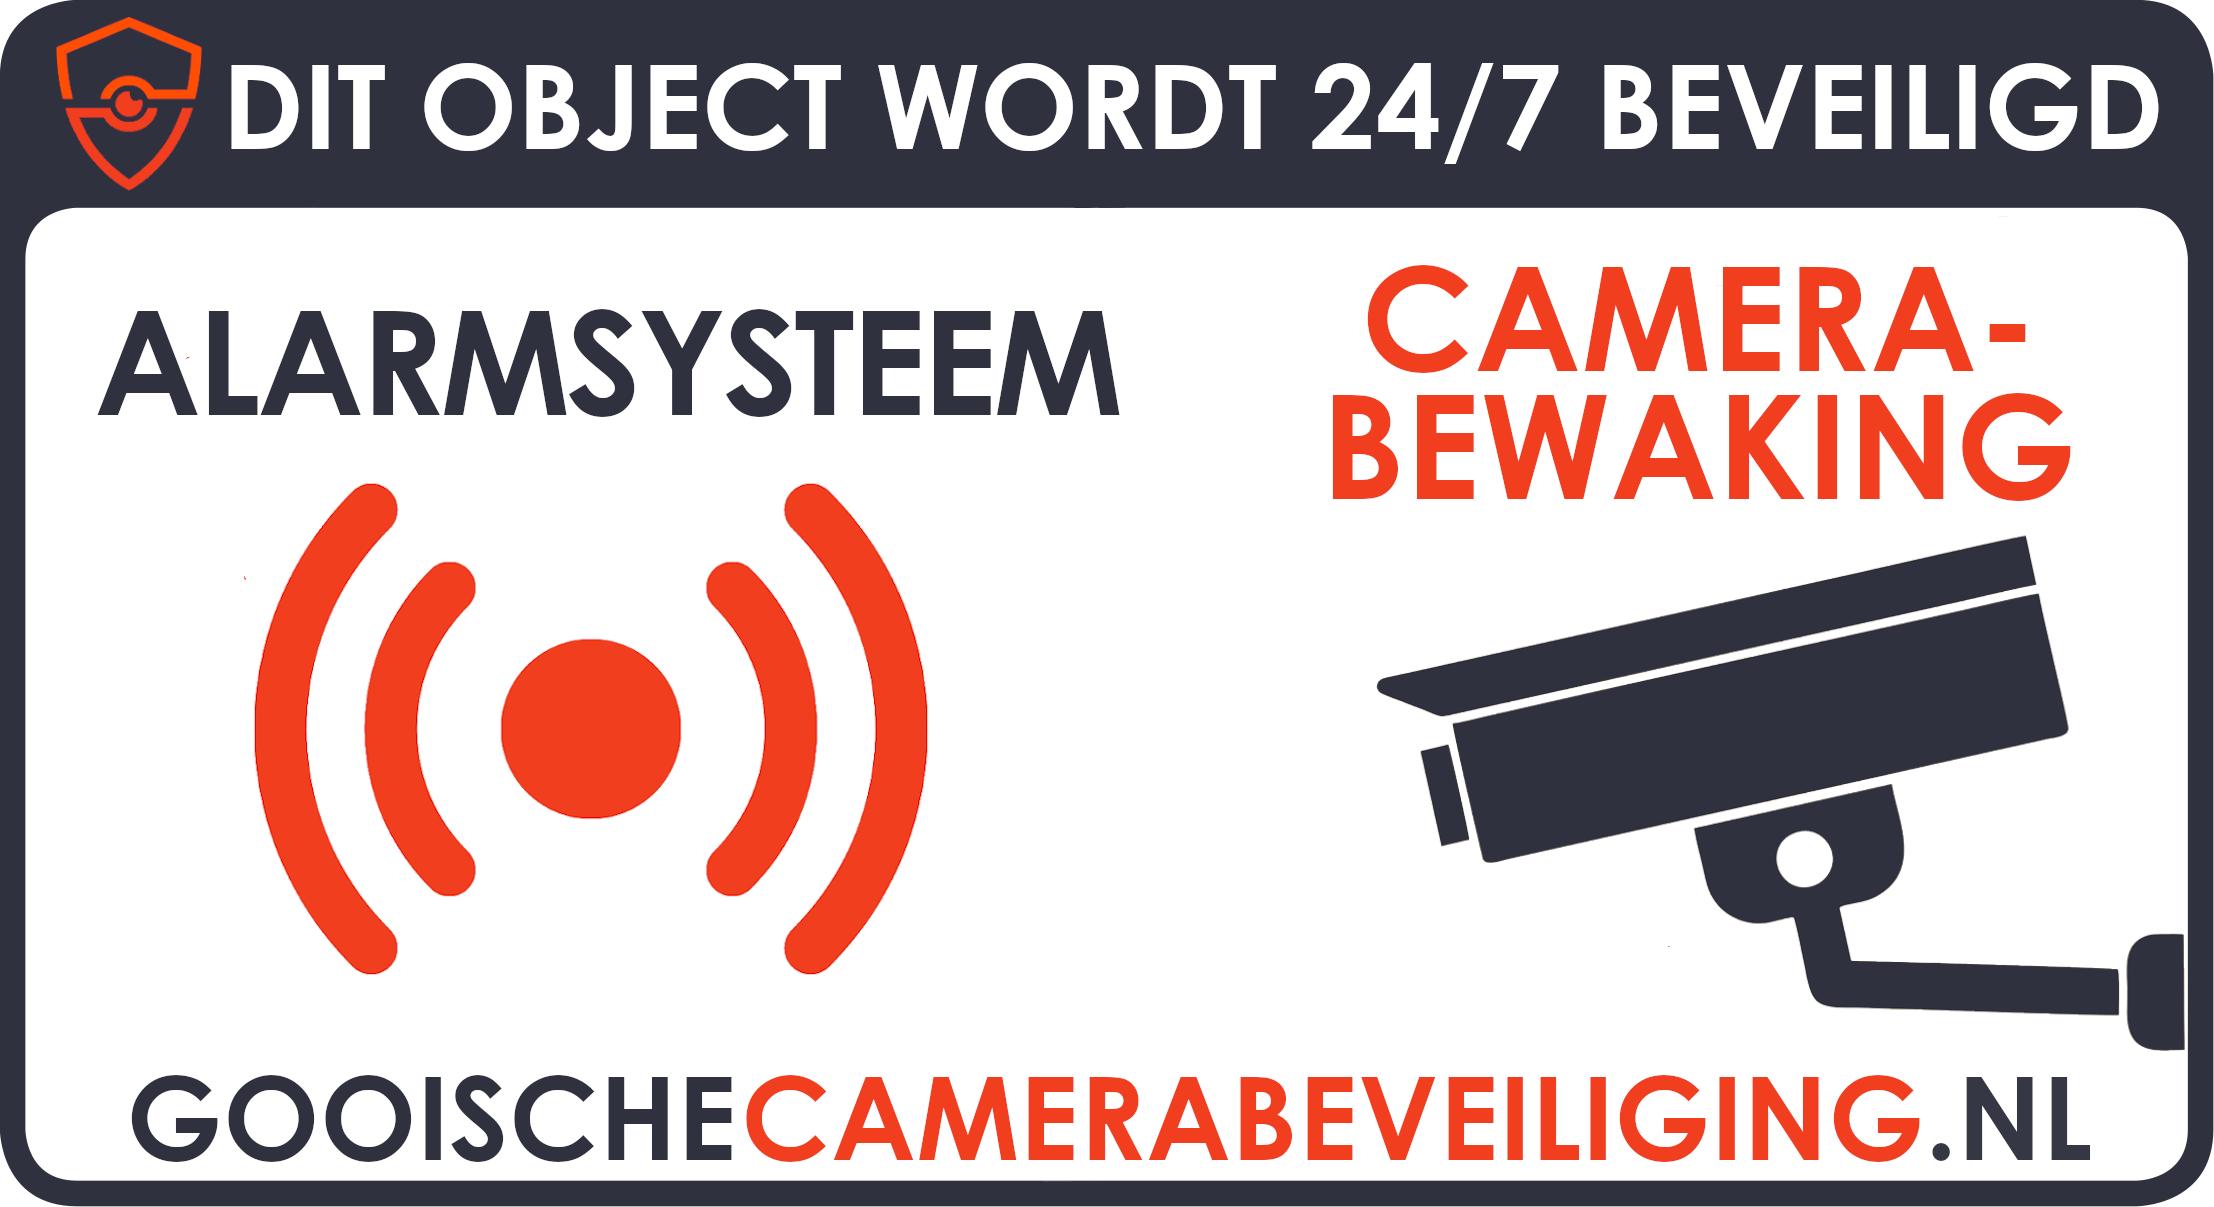 sticker camerabeveiliging dit object wordt 24/7 beveiligd